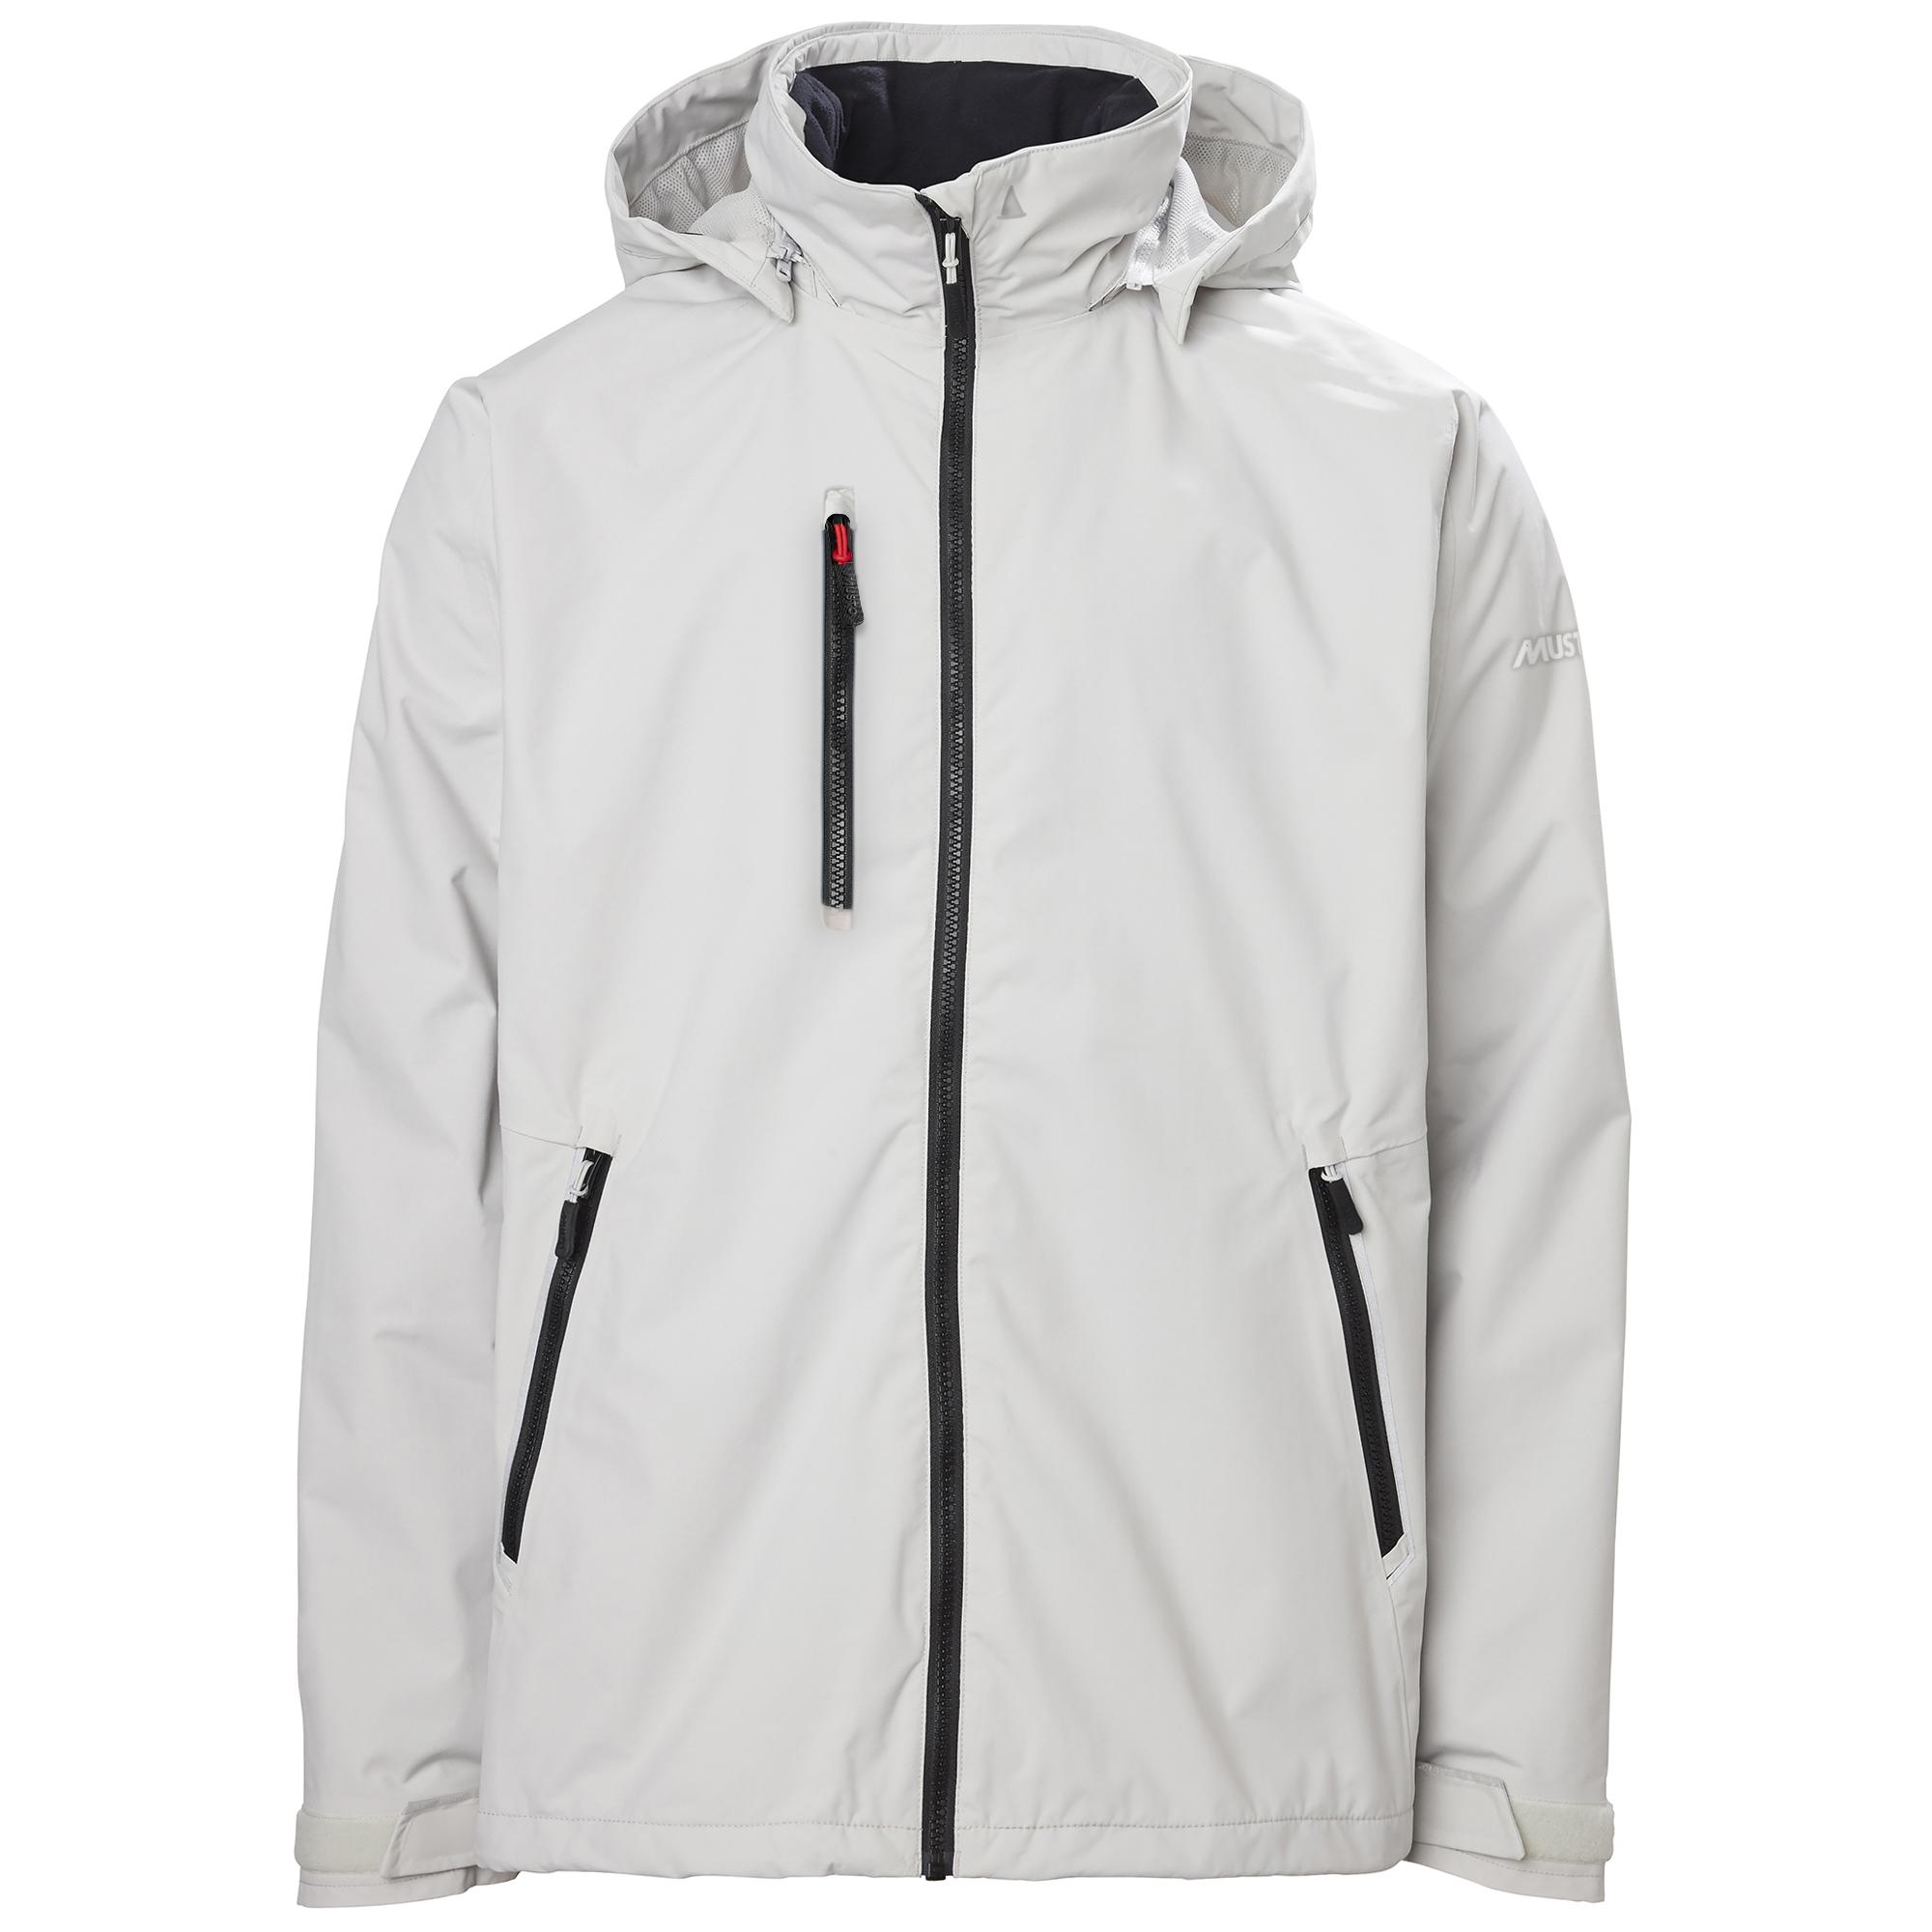 Musto Corsica Jacket 2.0 (82008)